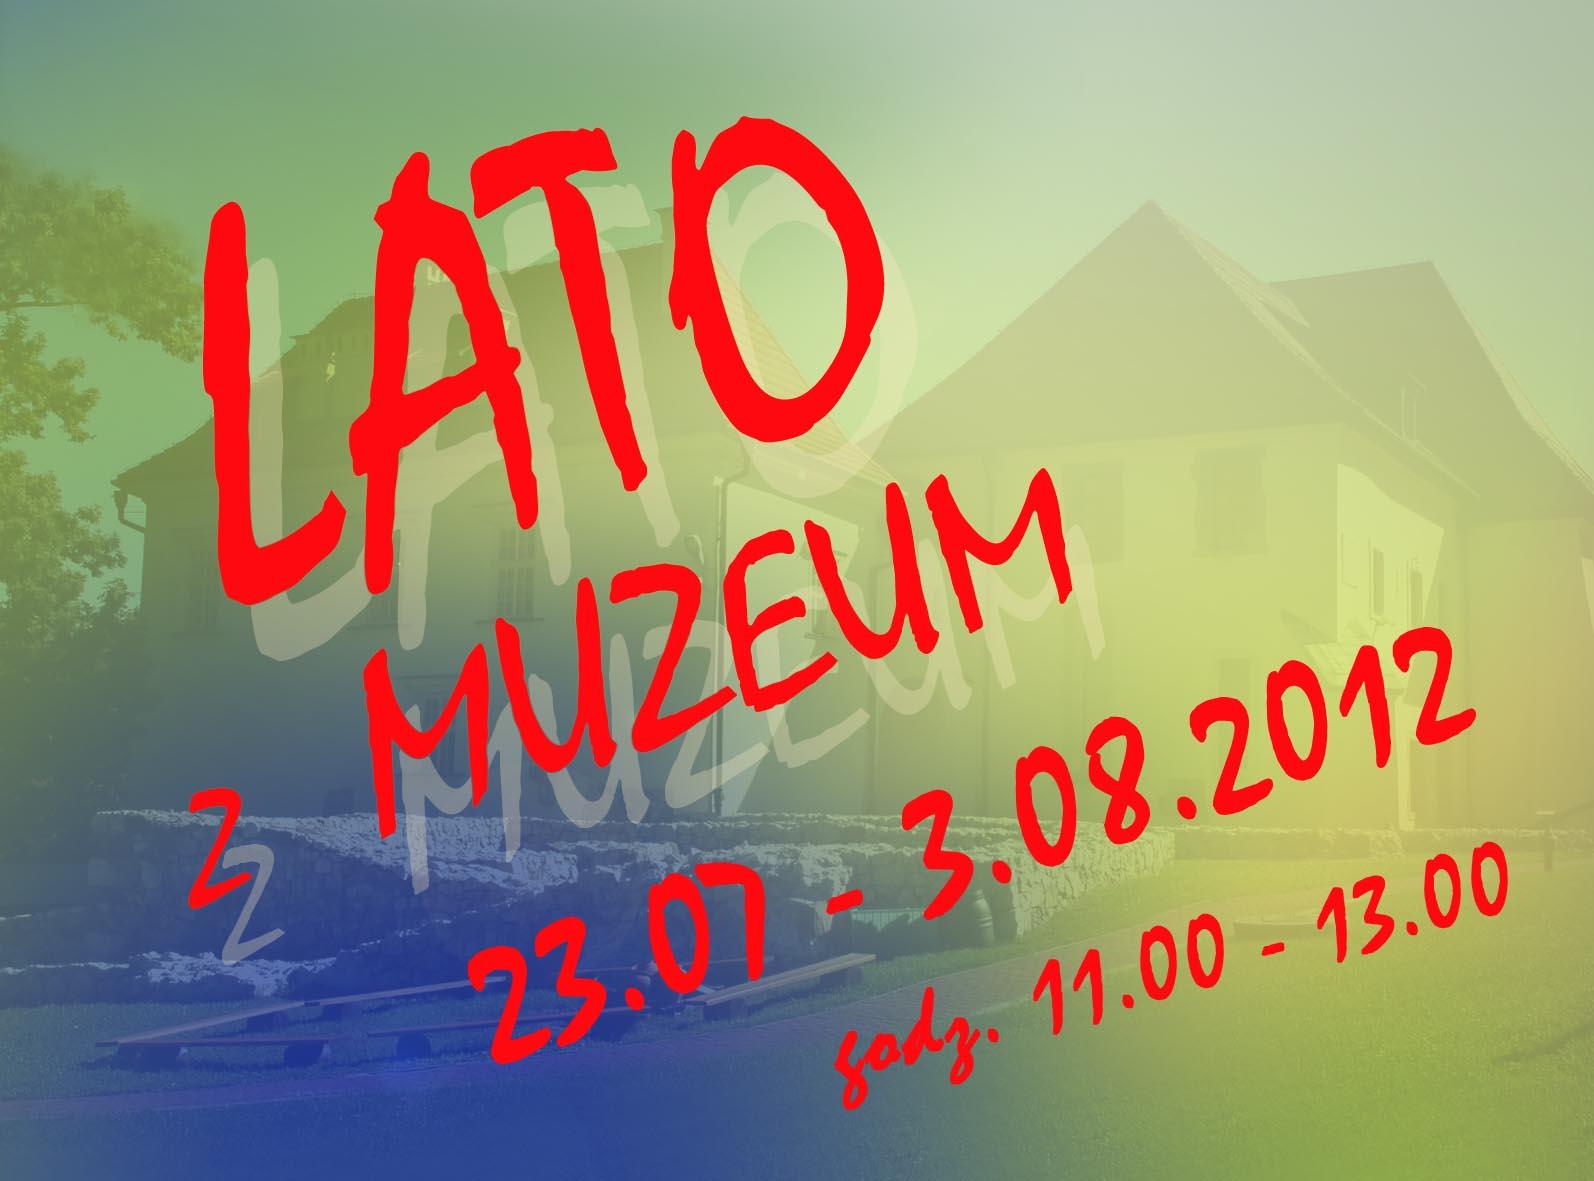 Lato z Muzeum